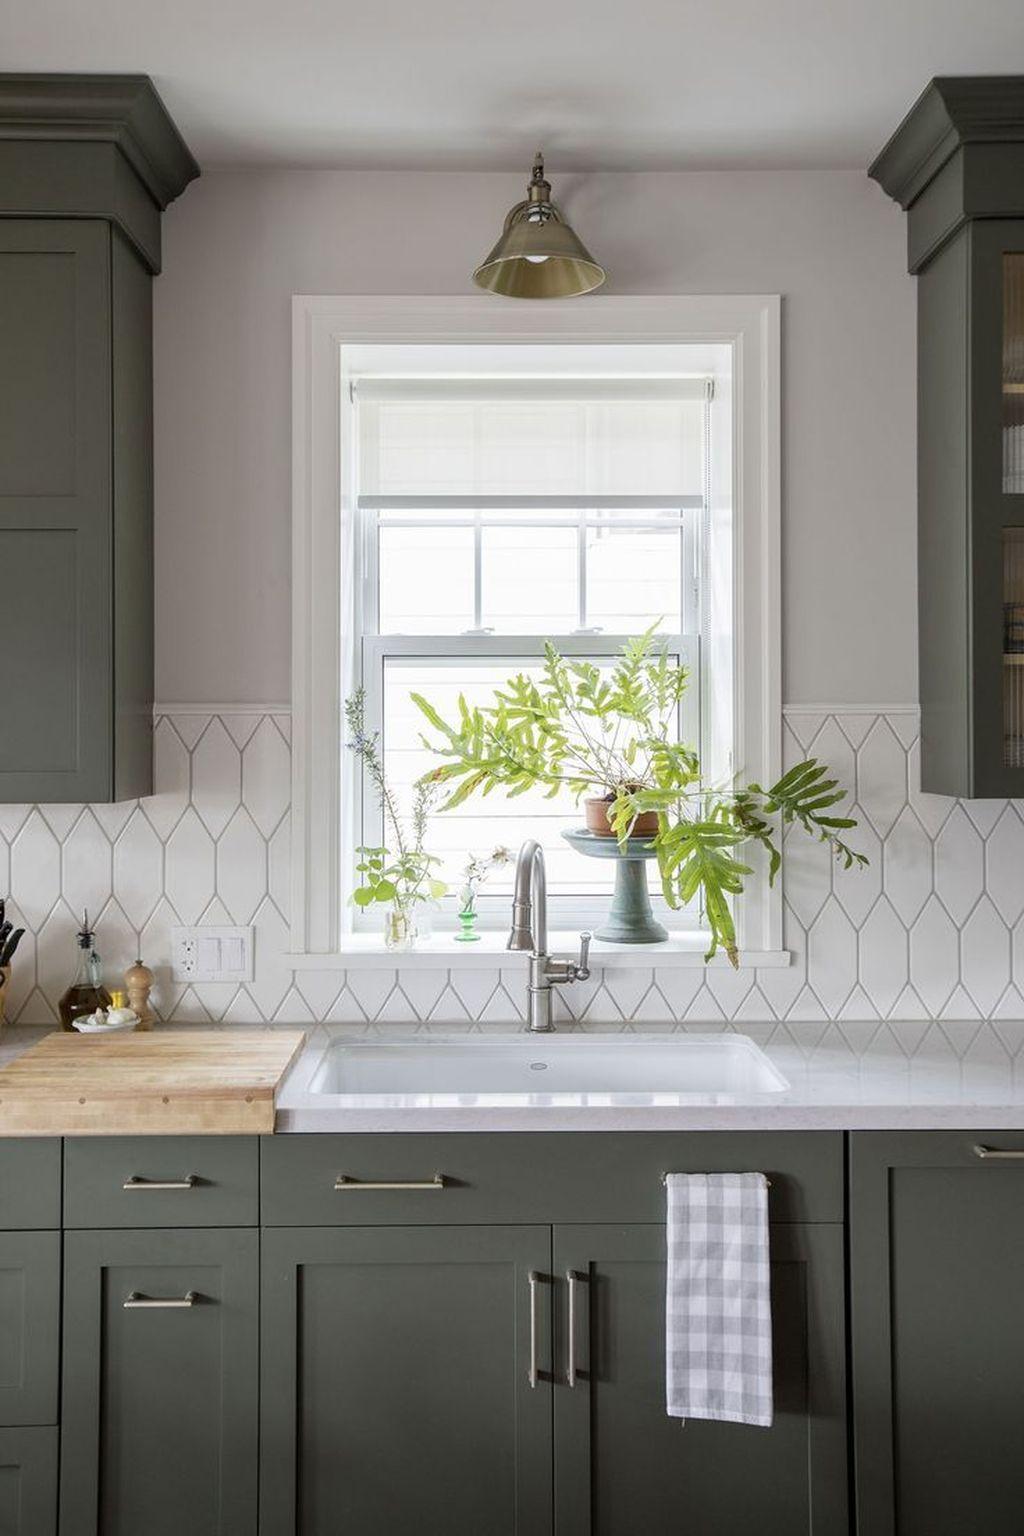 Awesome Creative Kitchen Backsplash Ideas 27